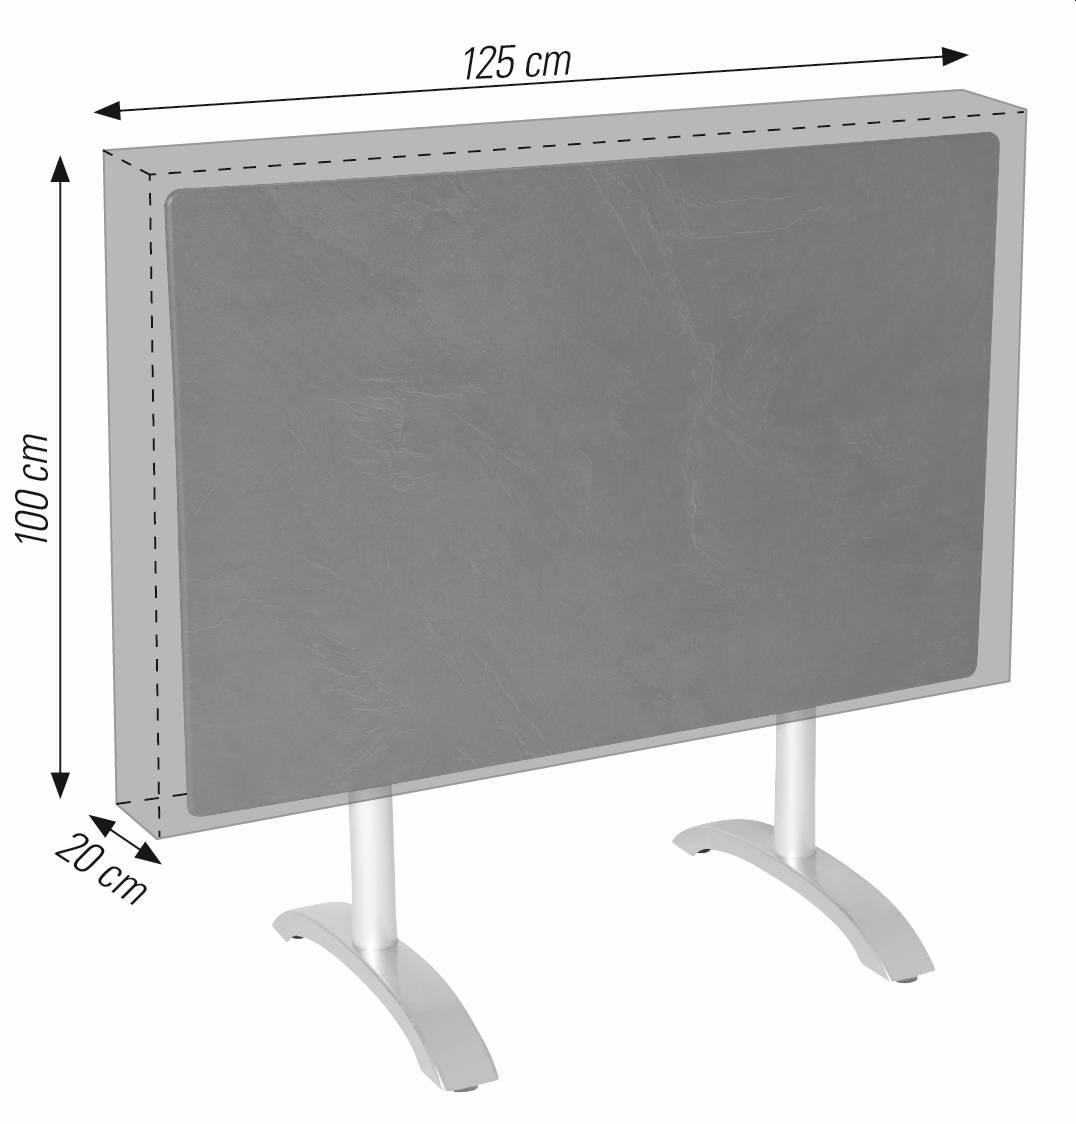 Schutzhülle für Boulevard Gartentische 110x70 bis 120x80 cm acamp cappa Typ 57704